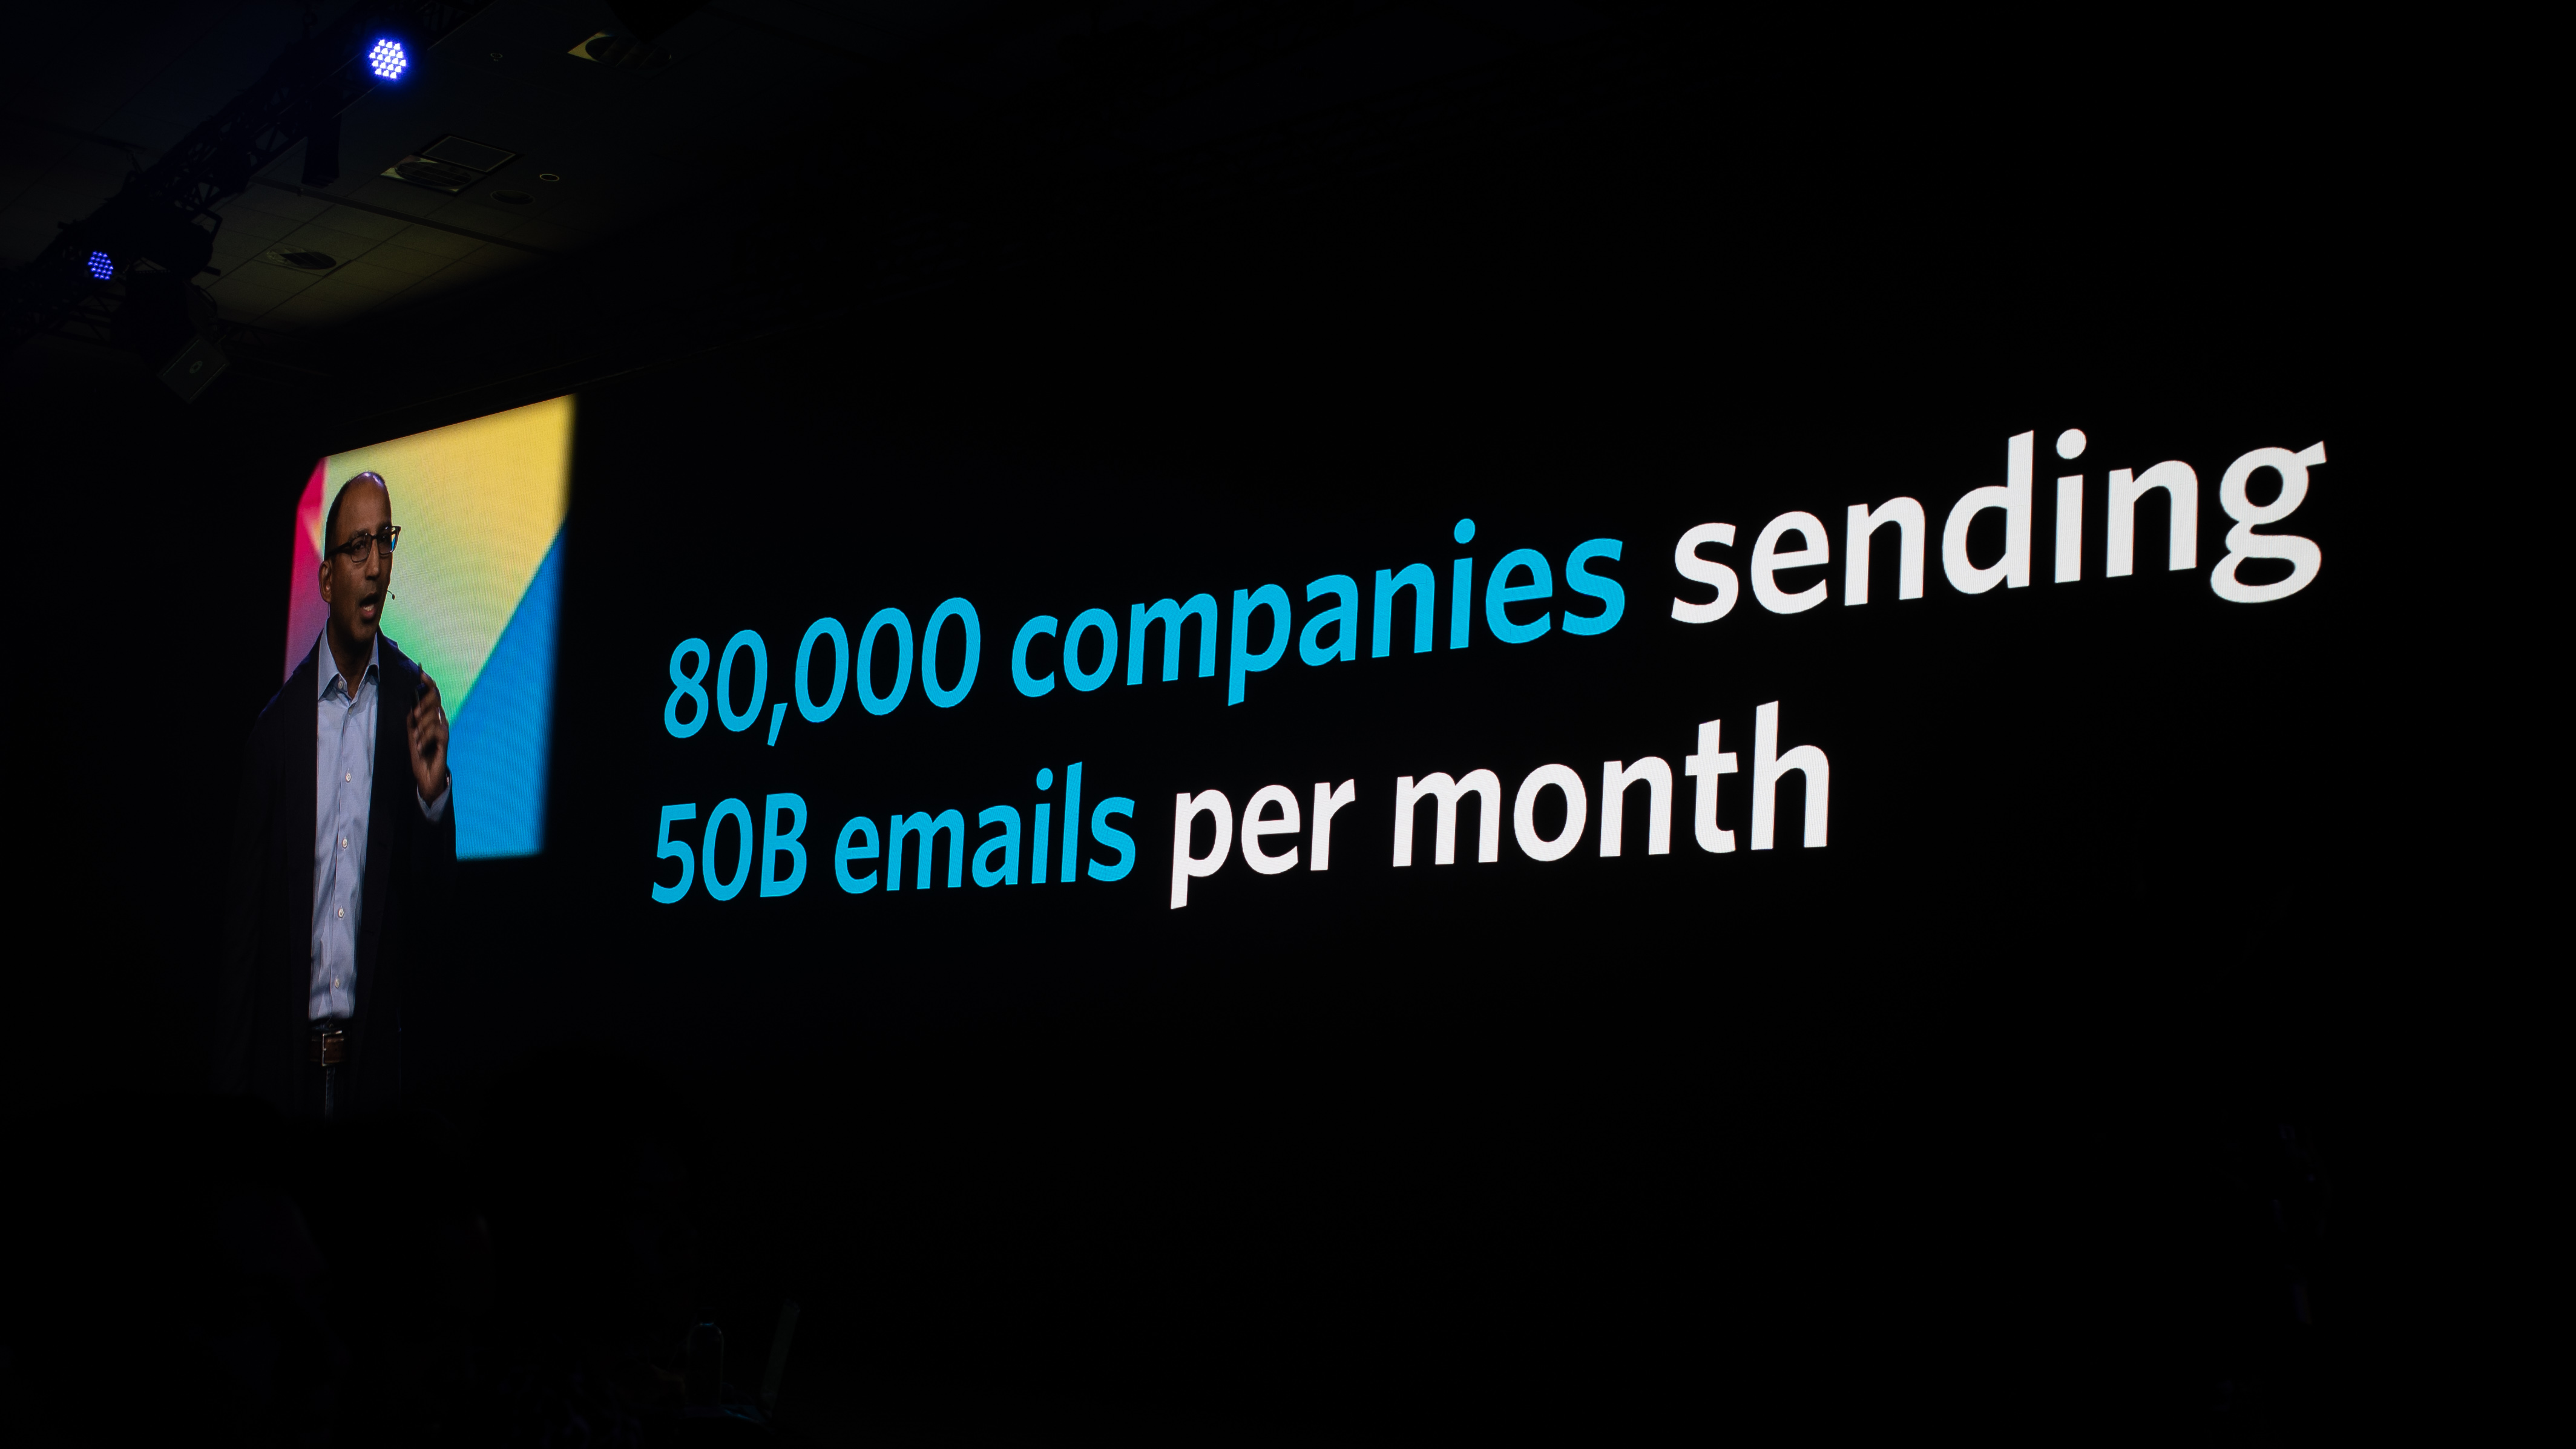 8万もの企業が、毎月500億通のメール送信のためにSendGridを利用